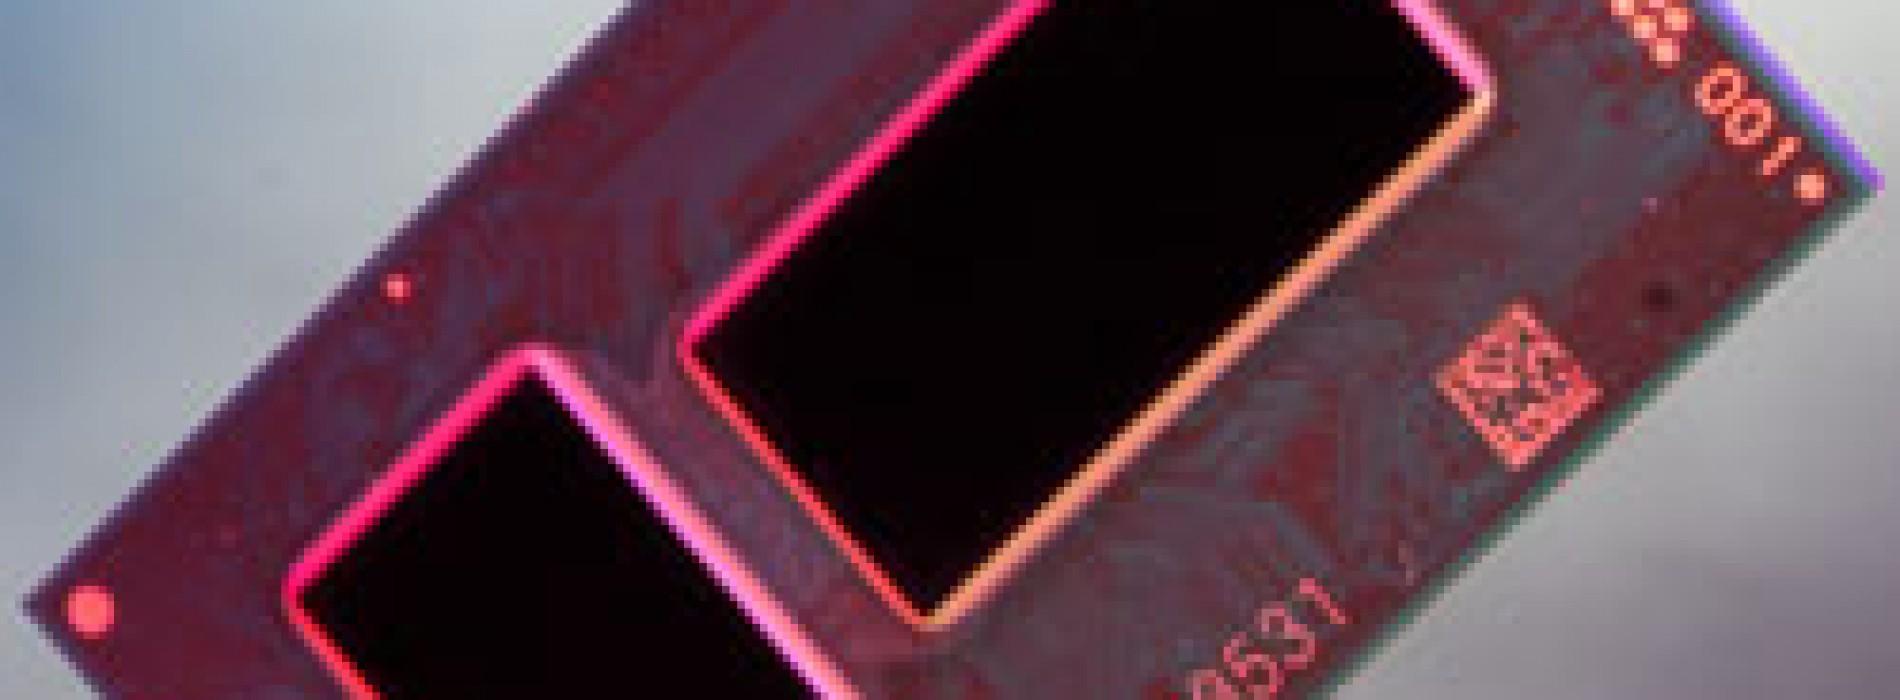 Nuevos procesadores con micro arquitectura y fabricación de 14 nanómetros